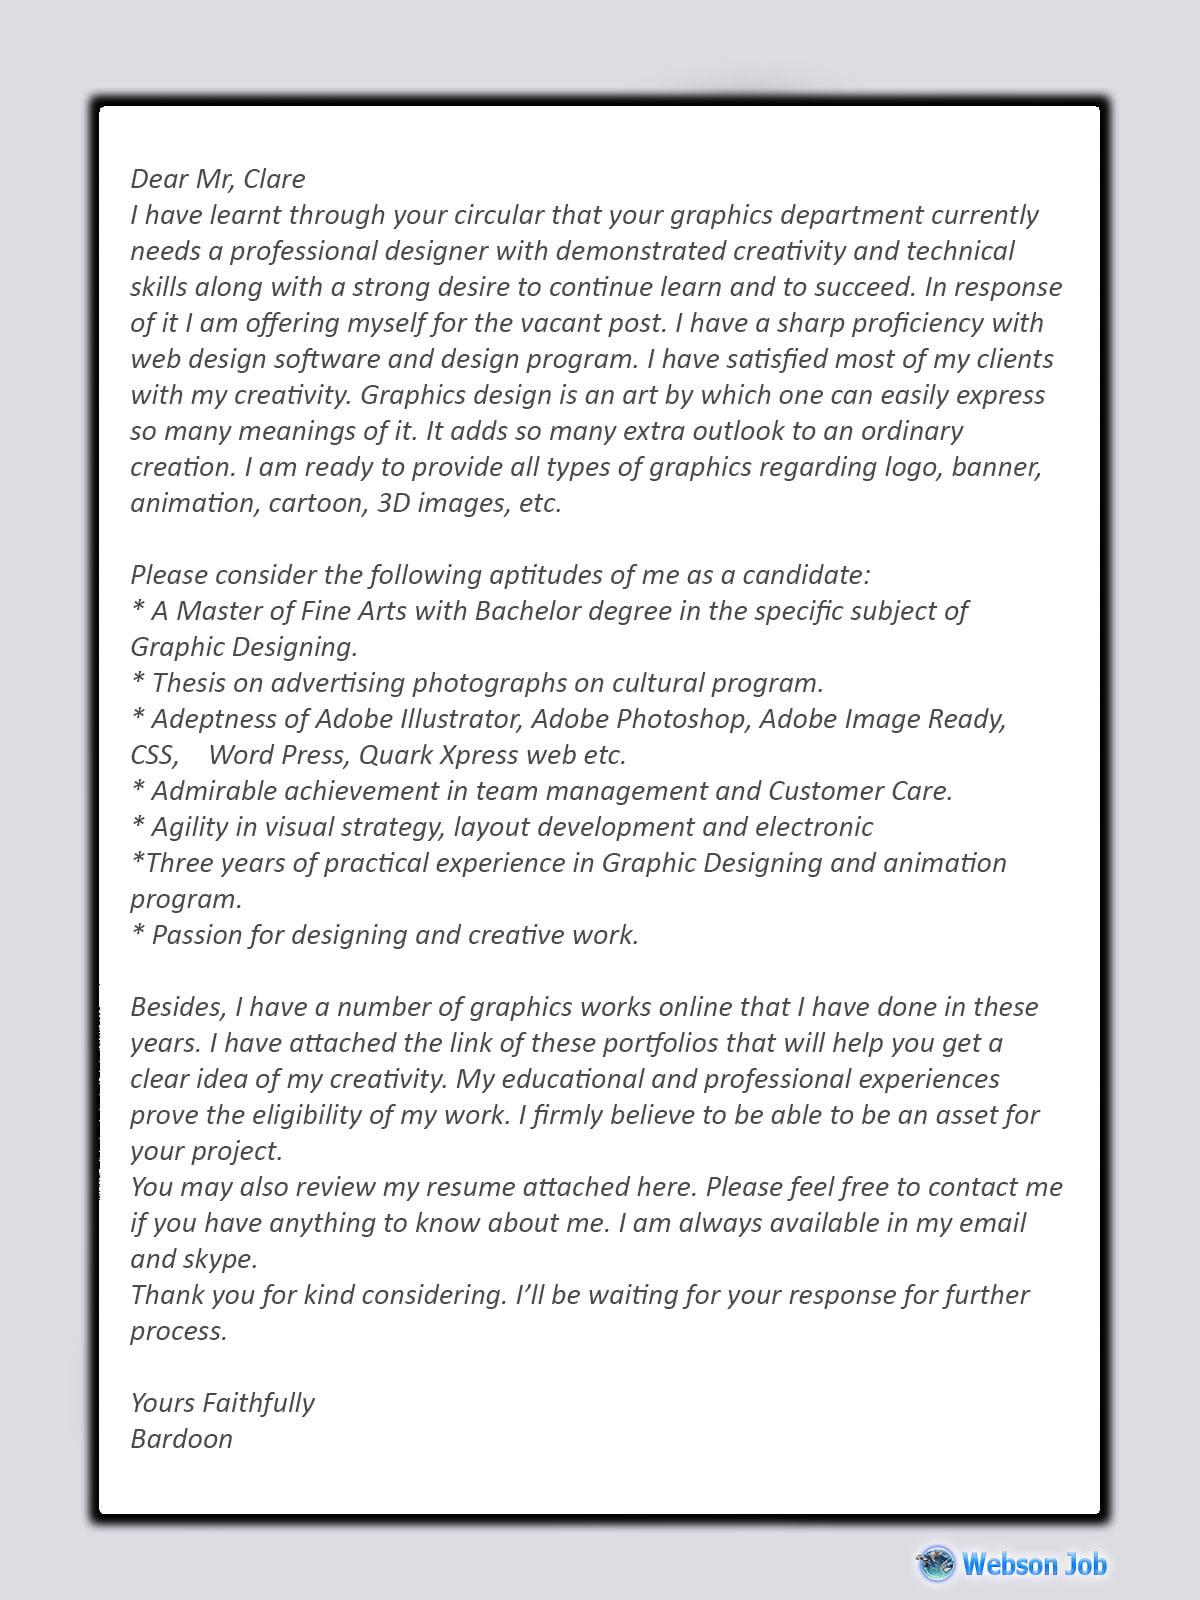 Graphics Designer Cover Letter Sample and Format for Upwork  Webson Job